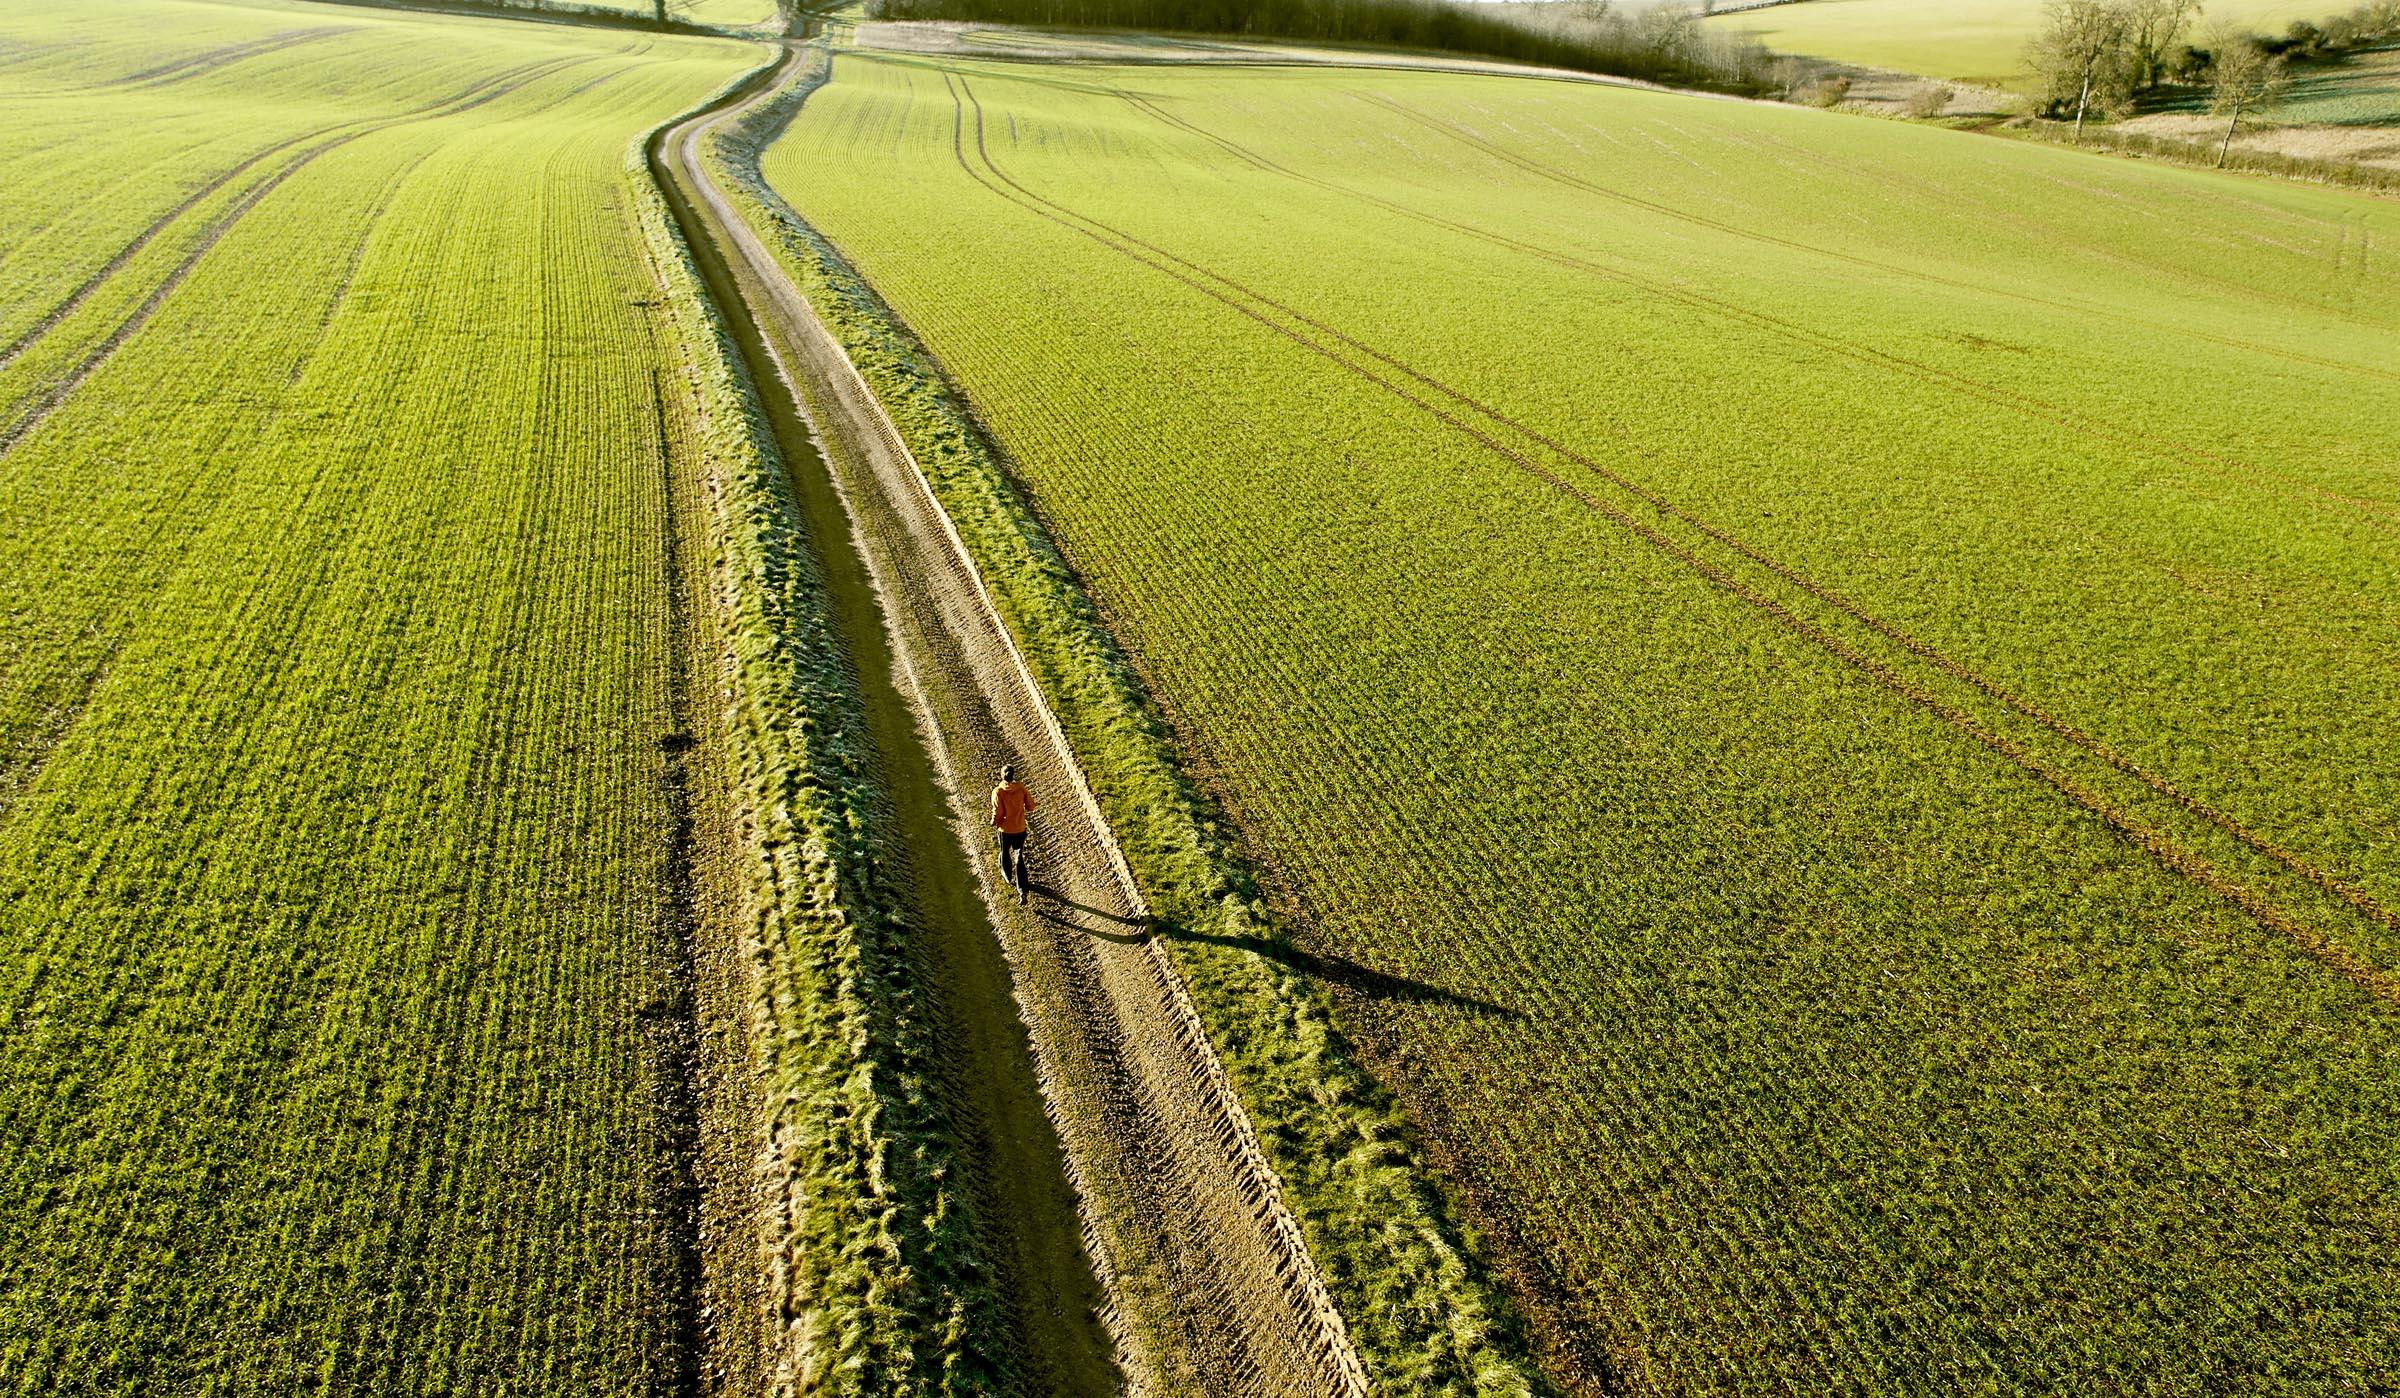 Jogger in field